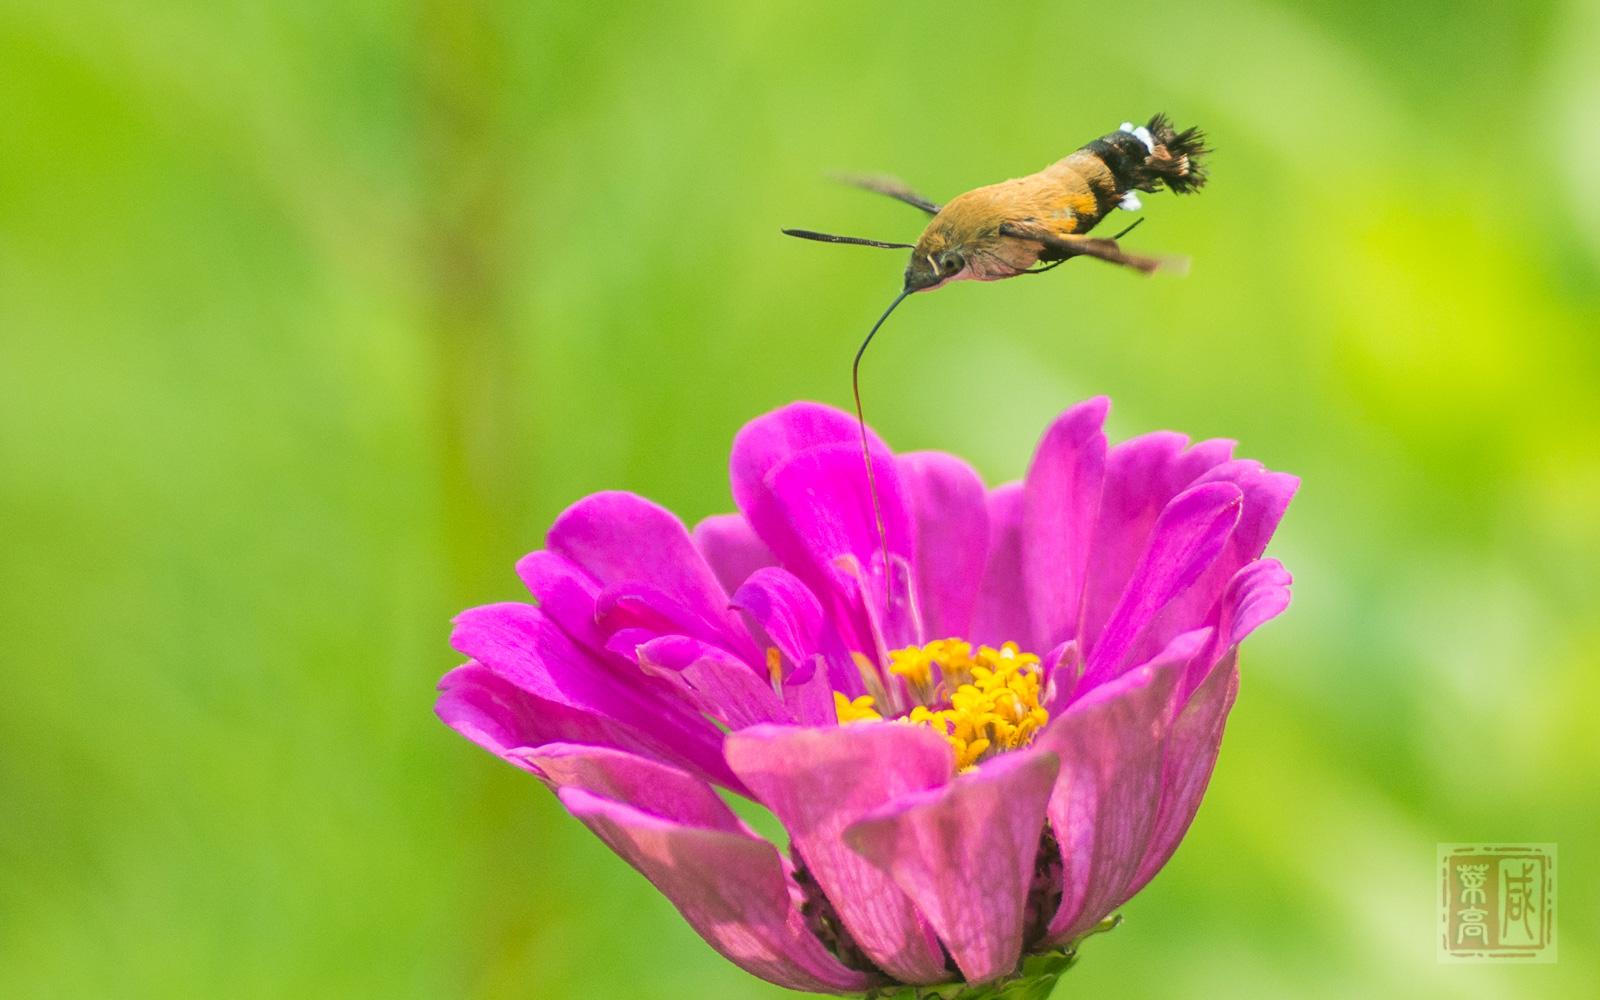 花与蛾-2.jpg